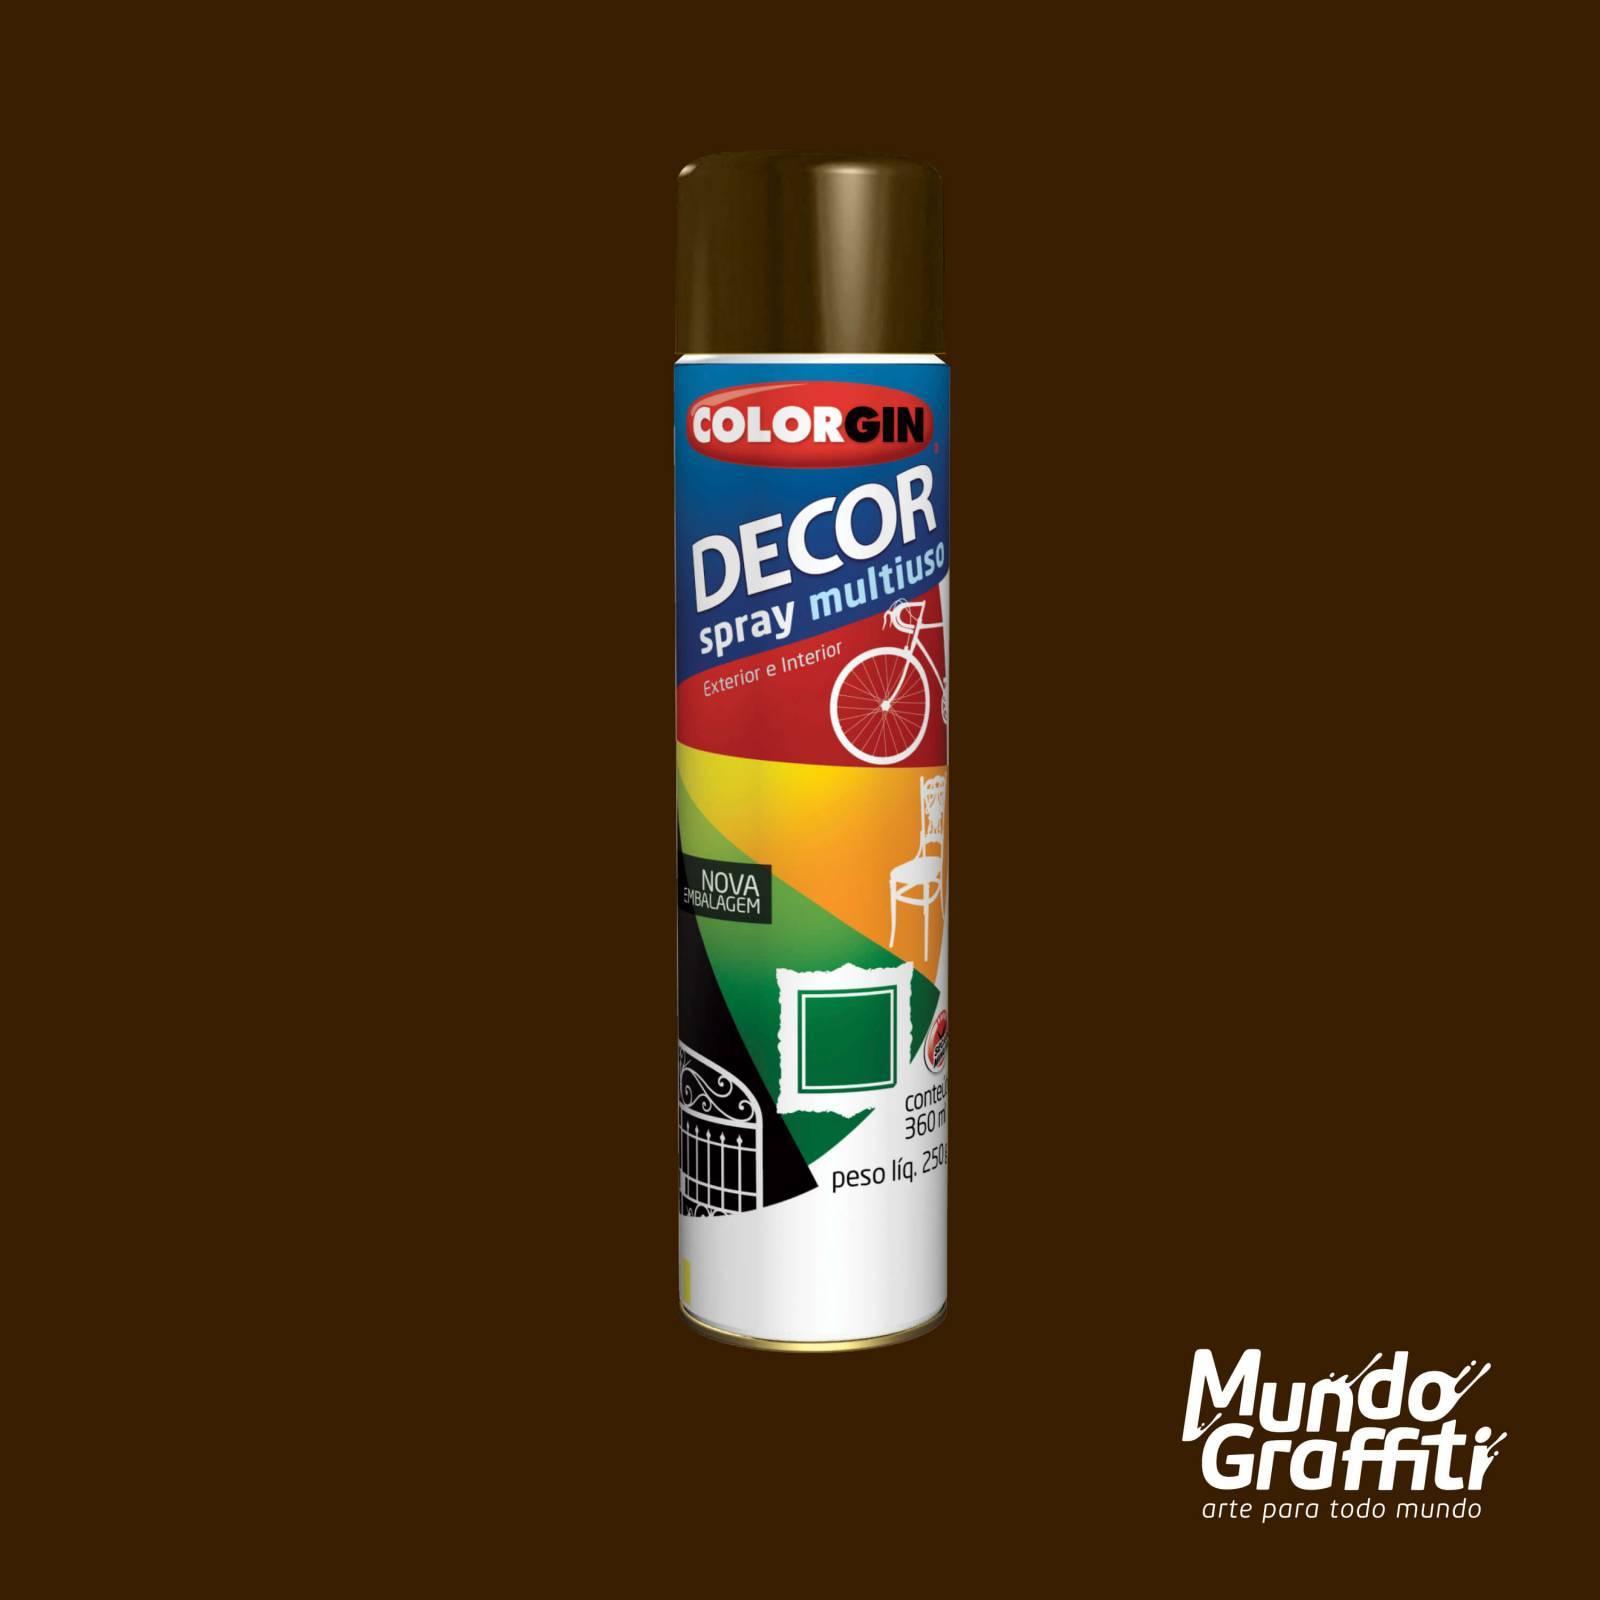 Tinta Spray Colorgin Decor 8821 Marrom Cafe Brilhante 360ml - Mundo Graffiti